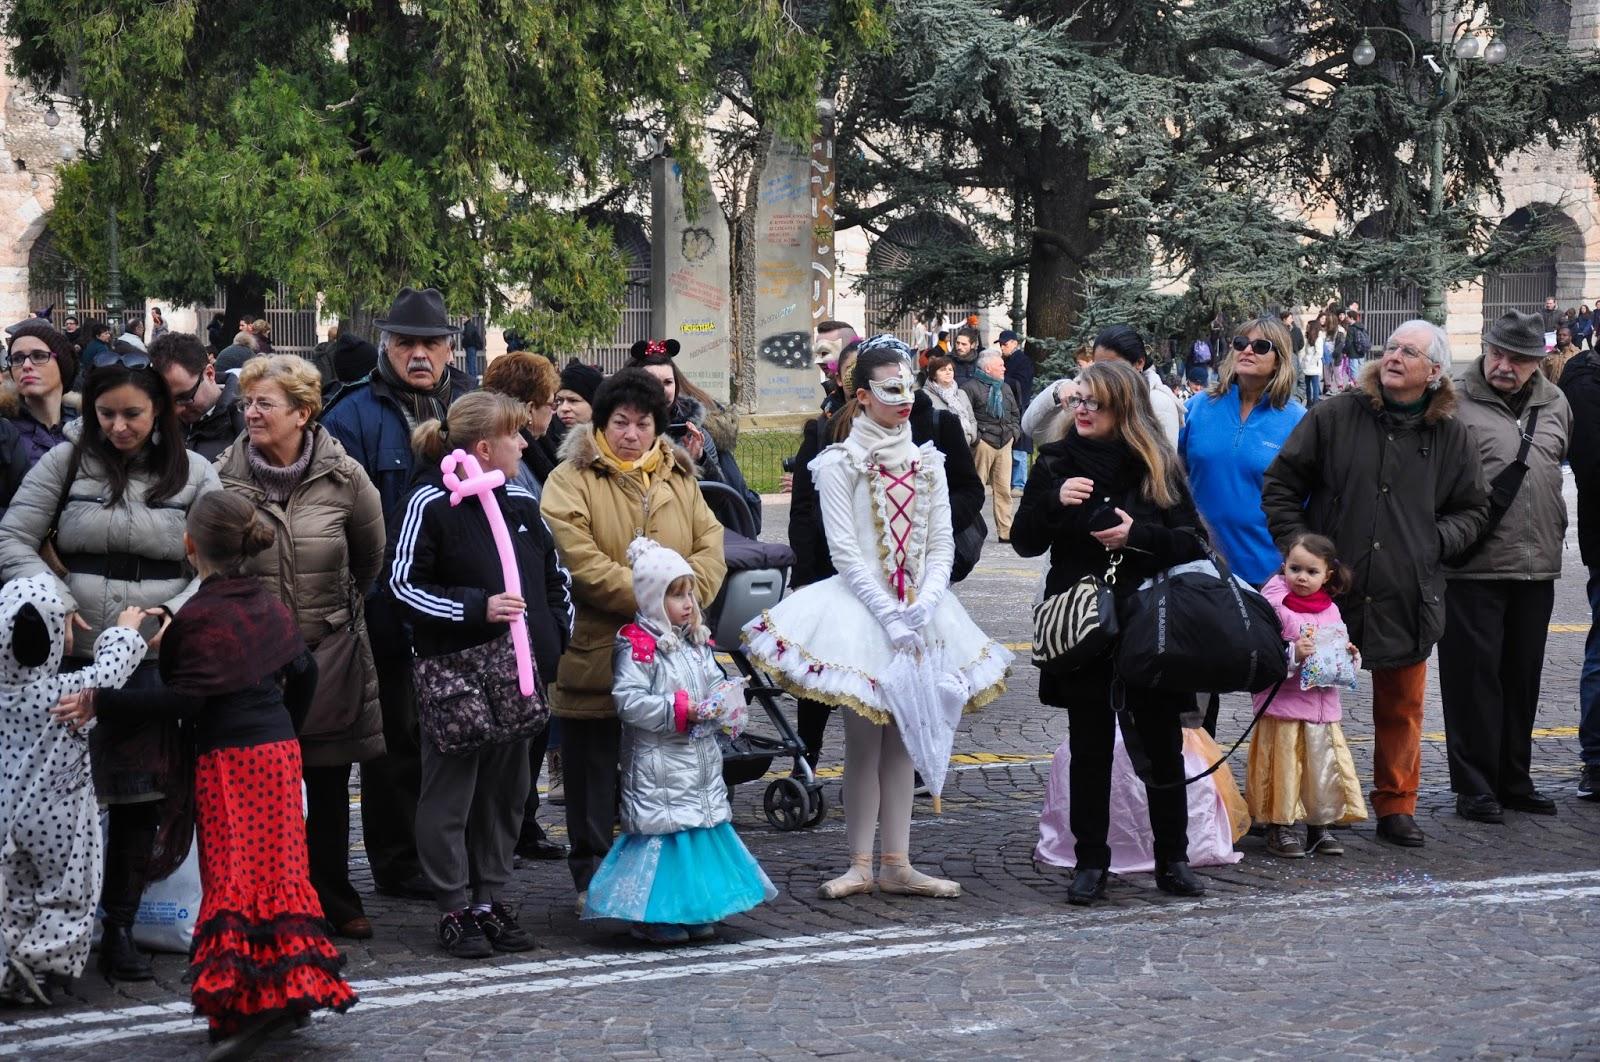 Spectators in masks - Verona Carnival